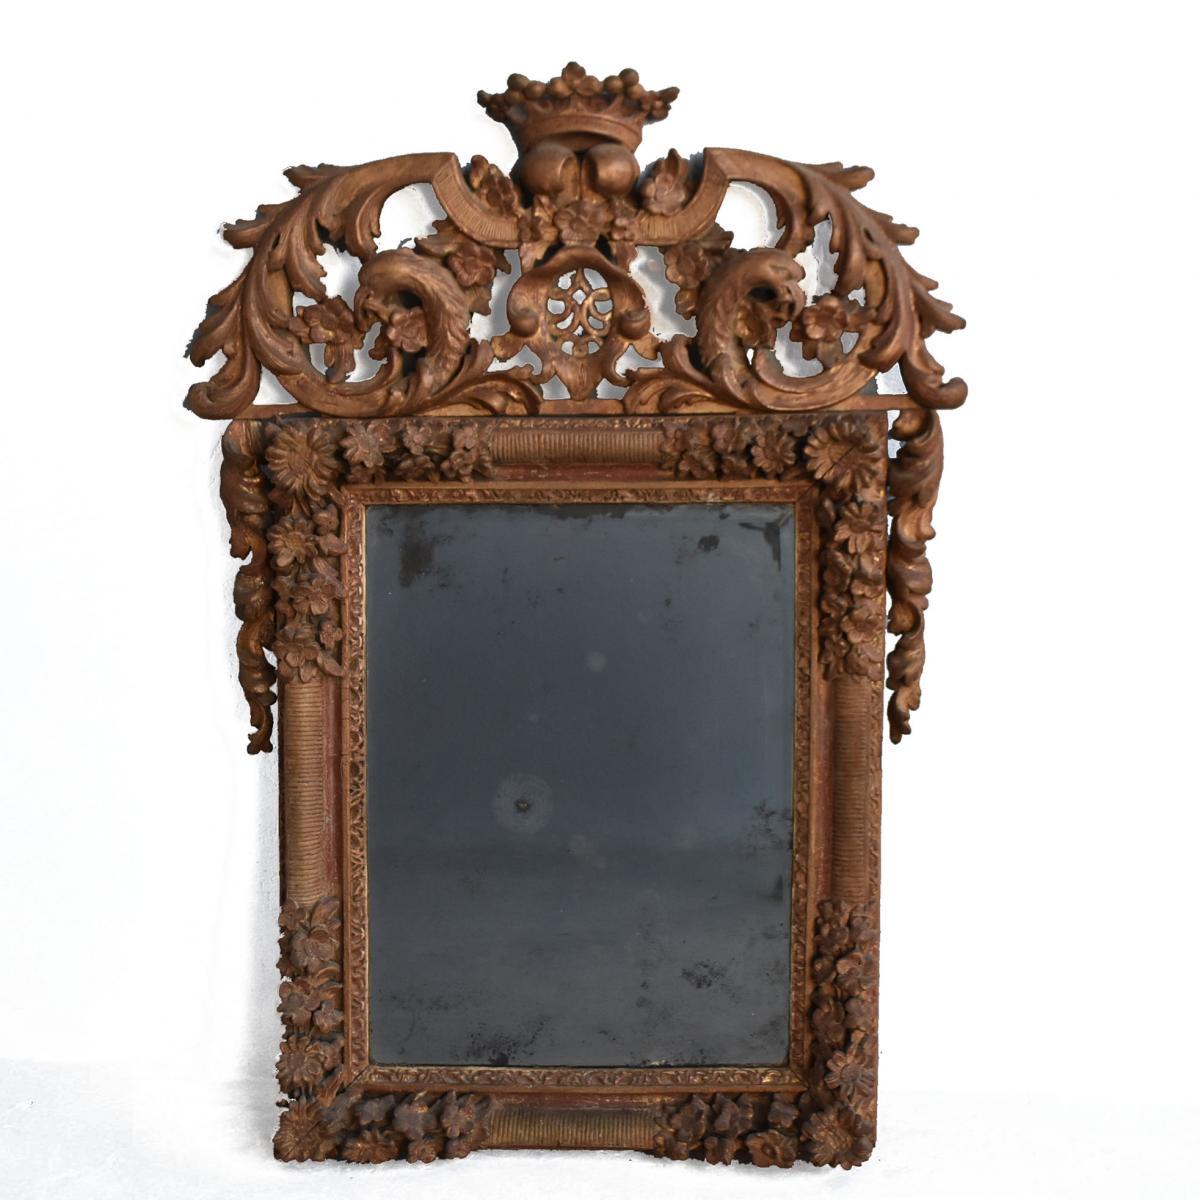 Miroir Louis XIV En Bois Sculpté Et Doré époque XVIIIème